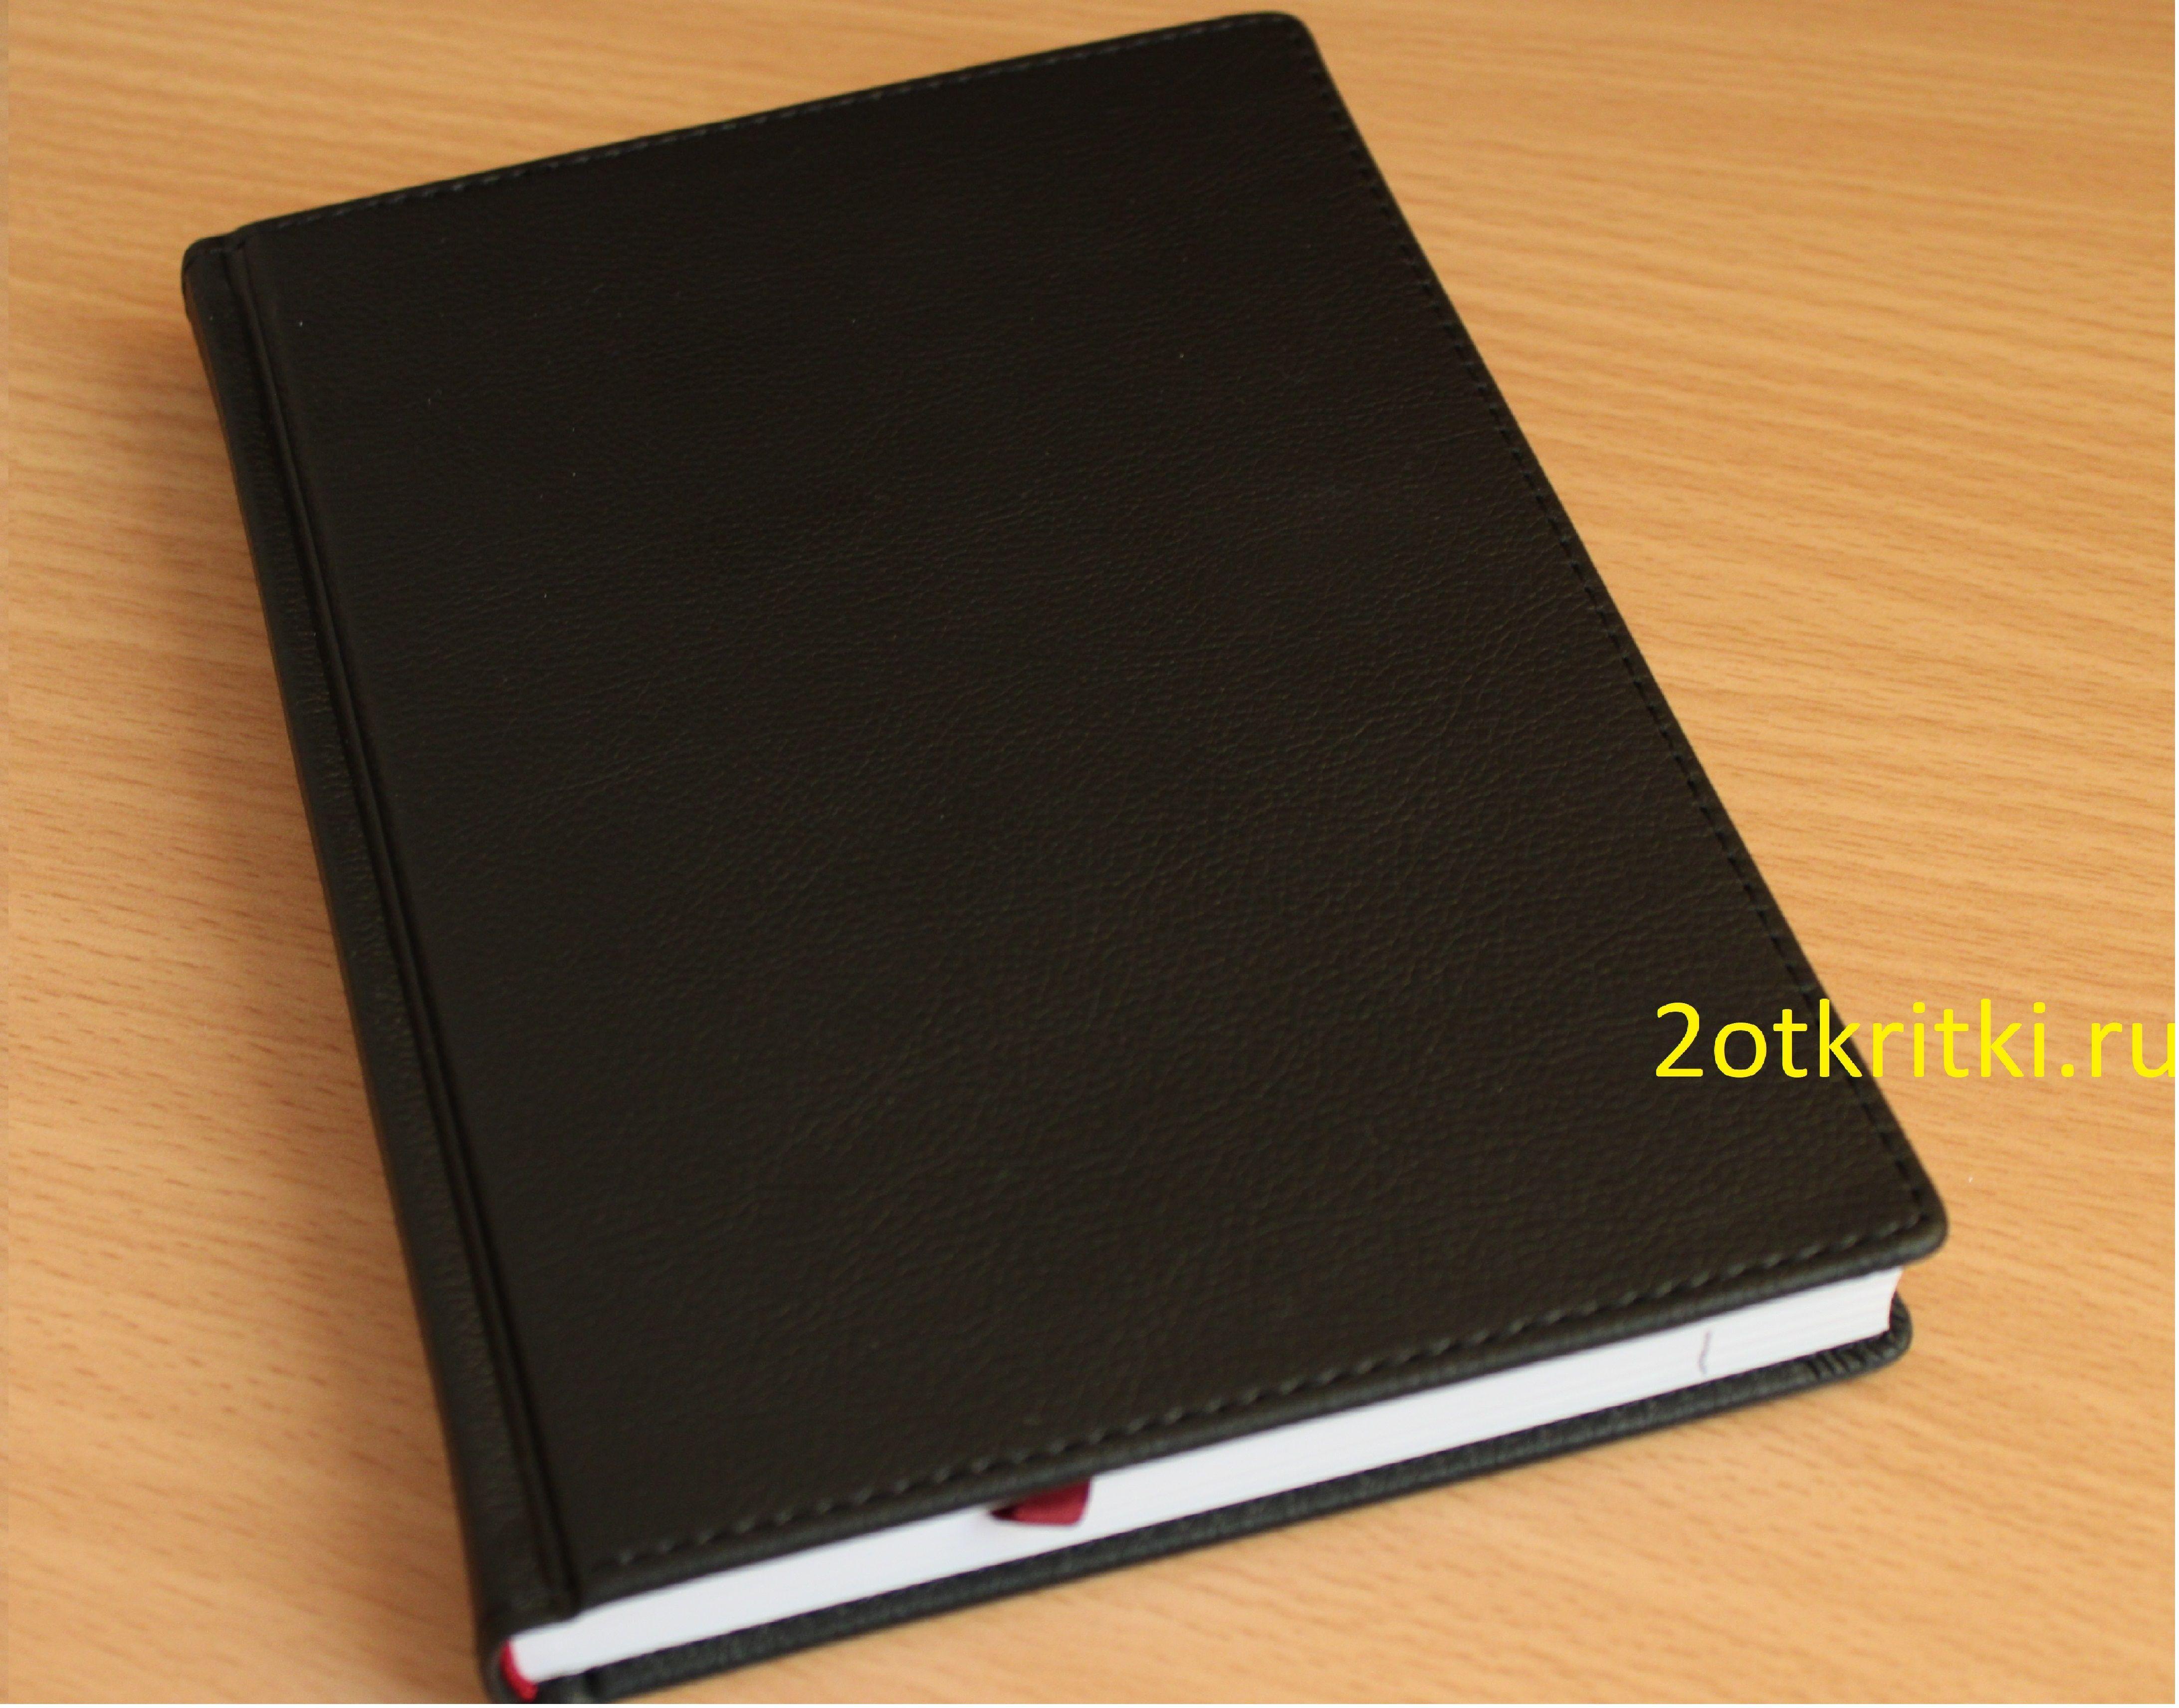 Идея подарка на Новый год - записная книжка